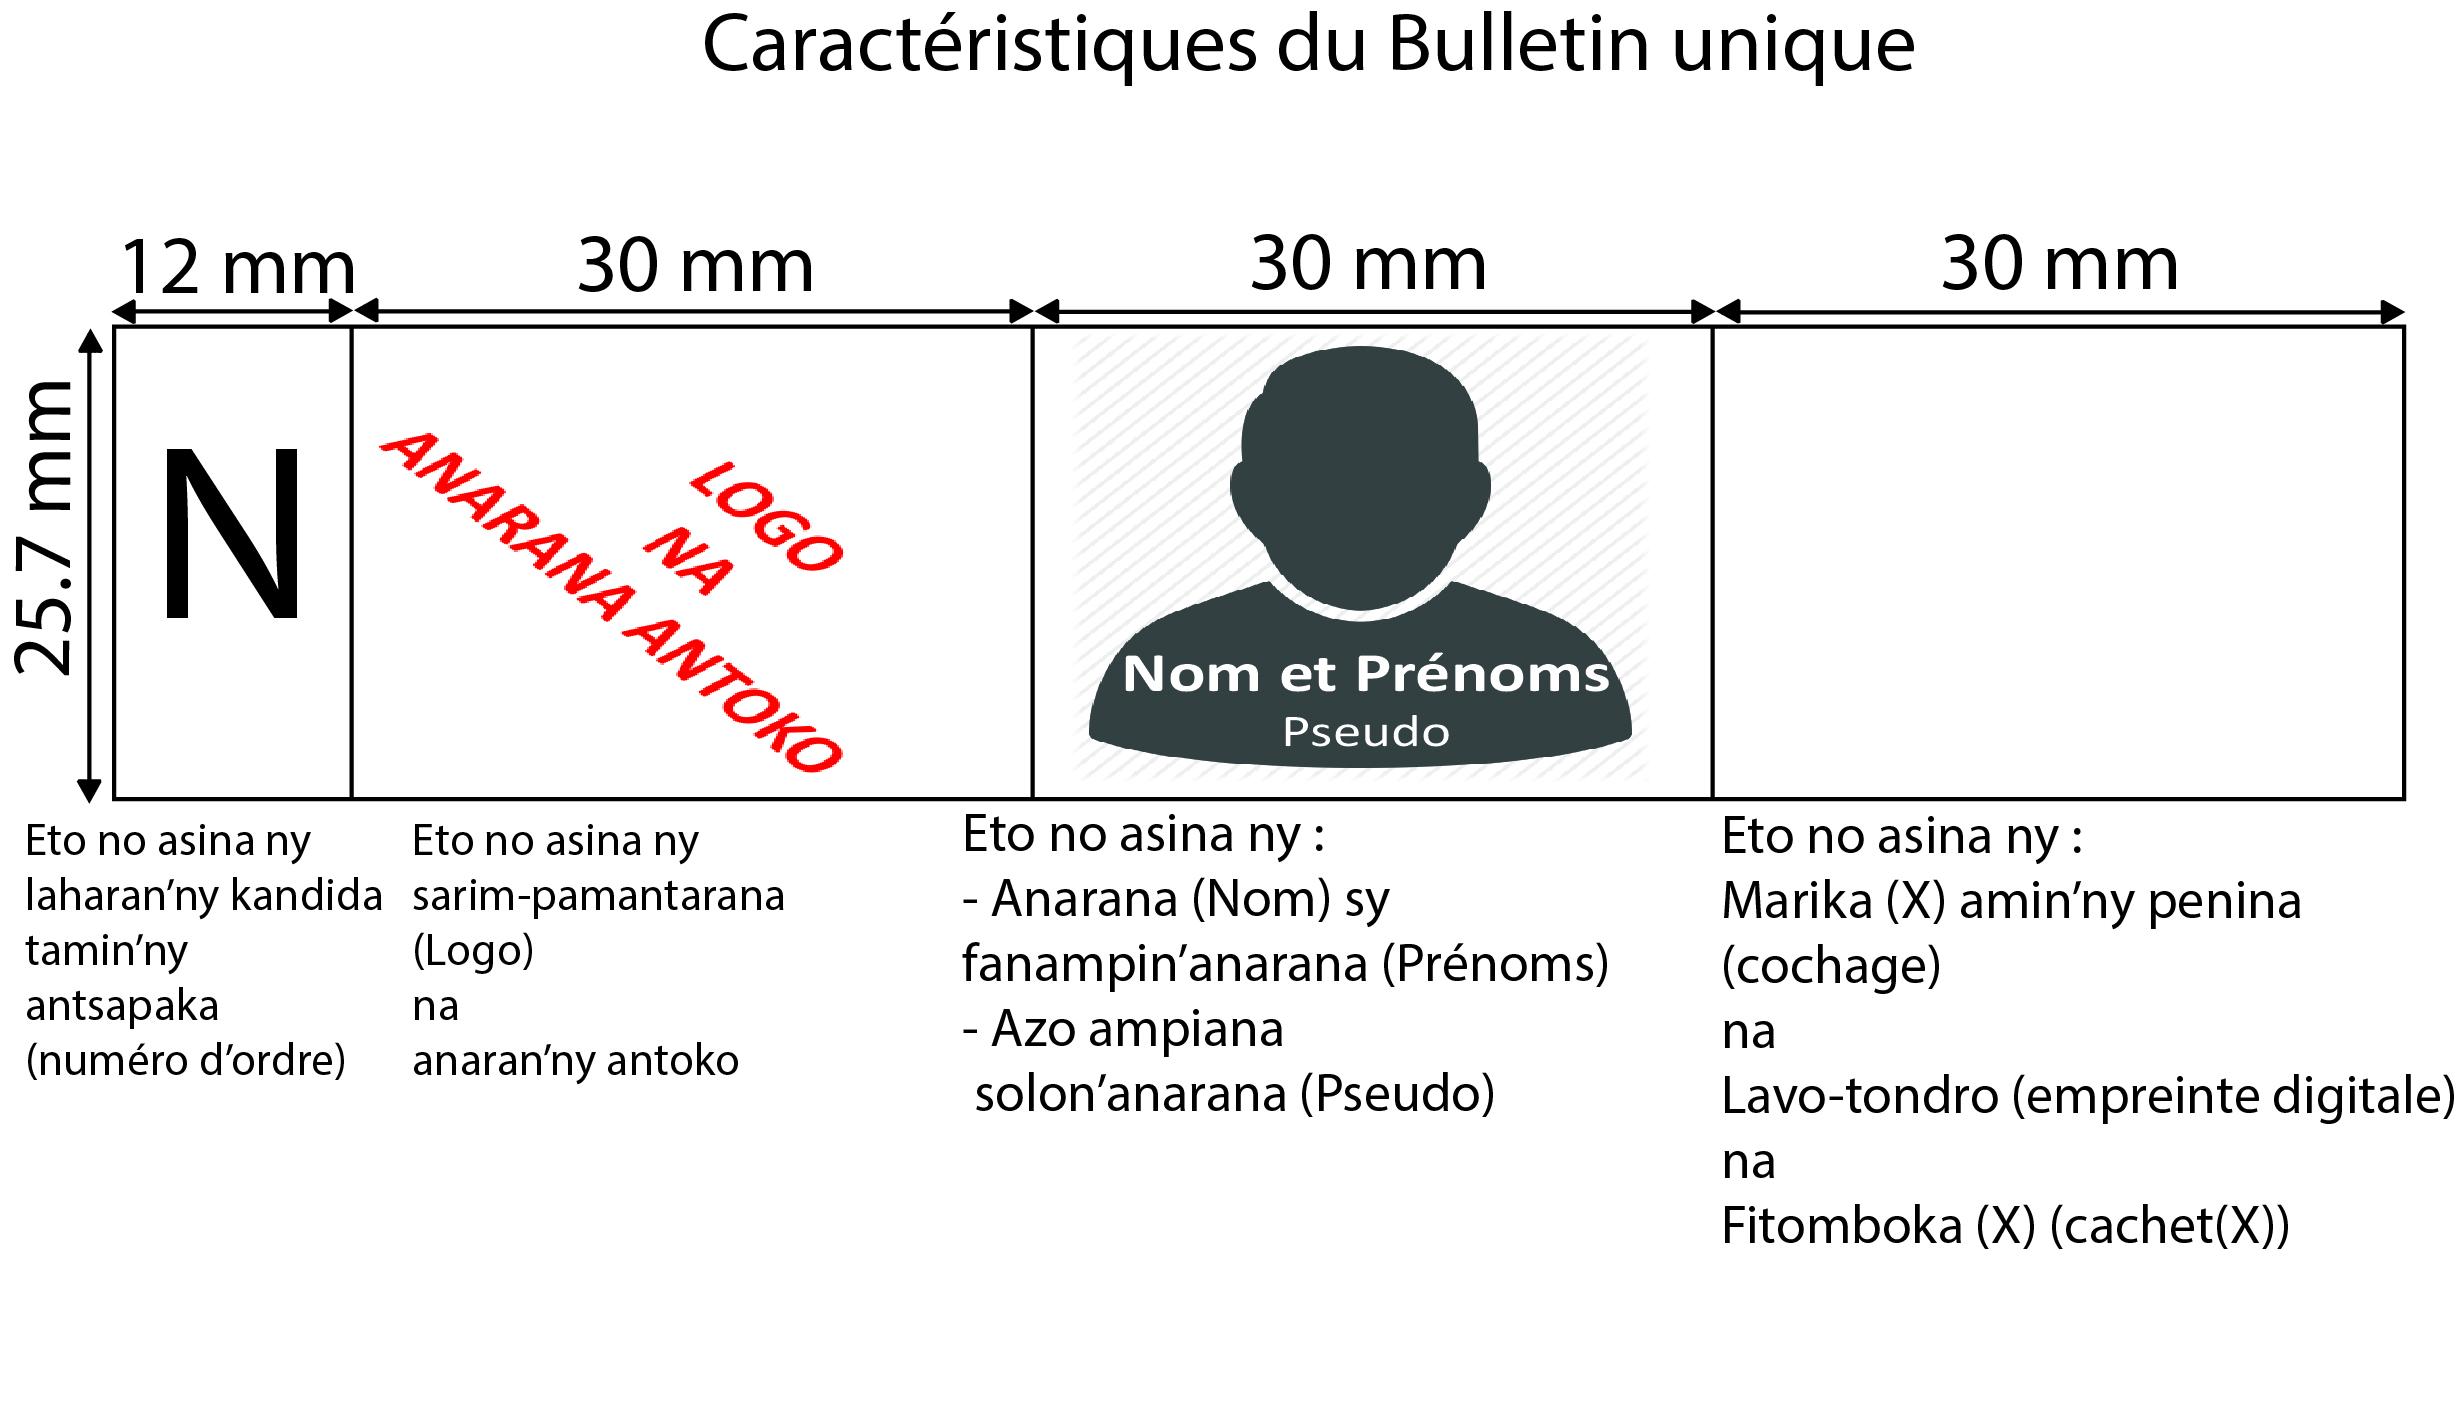 Les dimensions des cellules du Bulletin Unique pour les élections